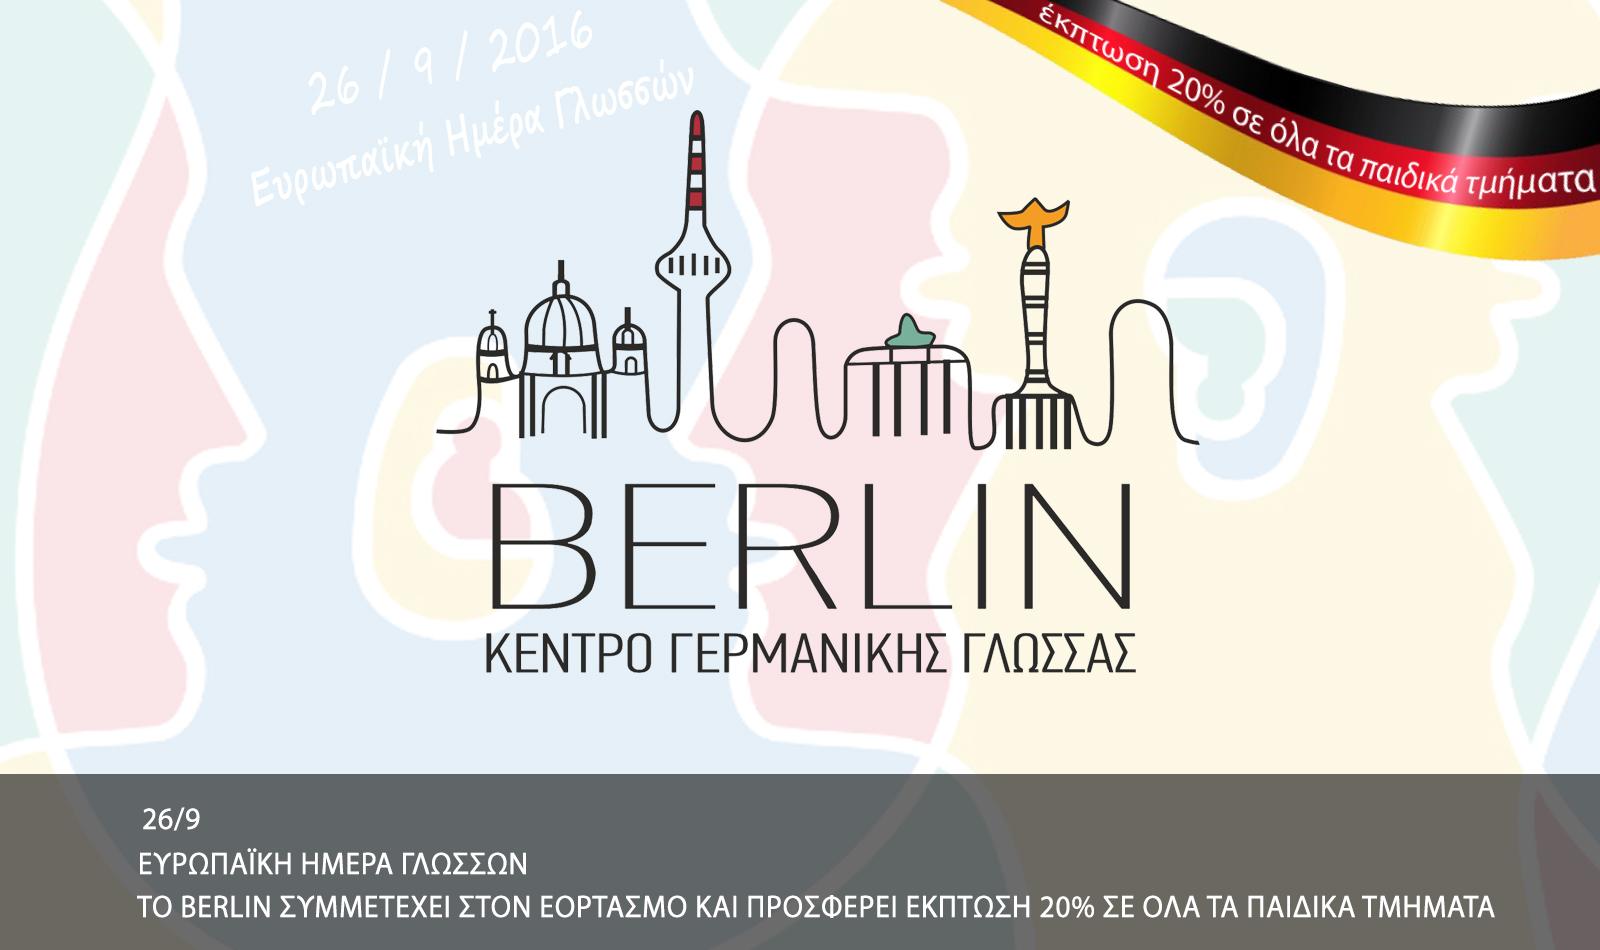 26/9 ΕΥΡΩΠΑΪΚΗ ΗΜΕΡΑ ΓΛΩΣΣΩΝ | Το BERLIN συμμετέχει στον εορτασμό και προσφέρει έκπτωση 20% σε όλα τα παιδικά τμήματα!